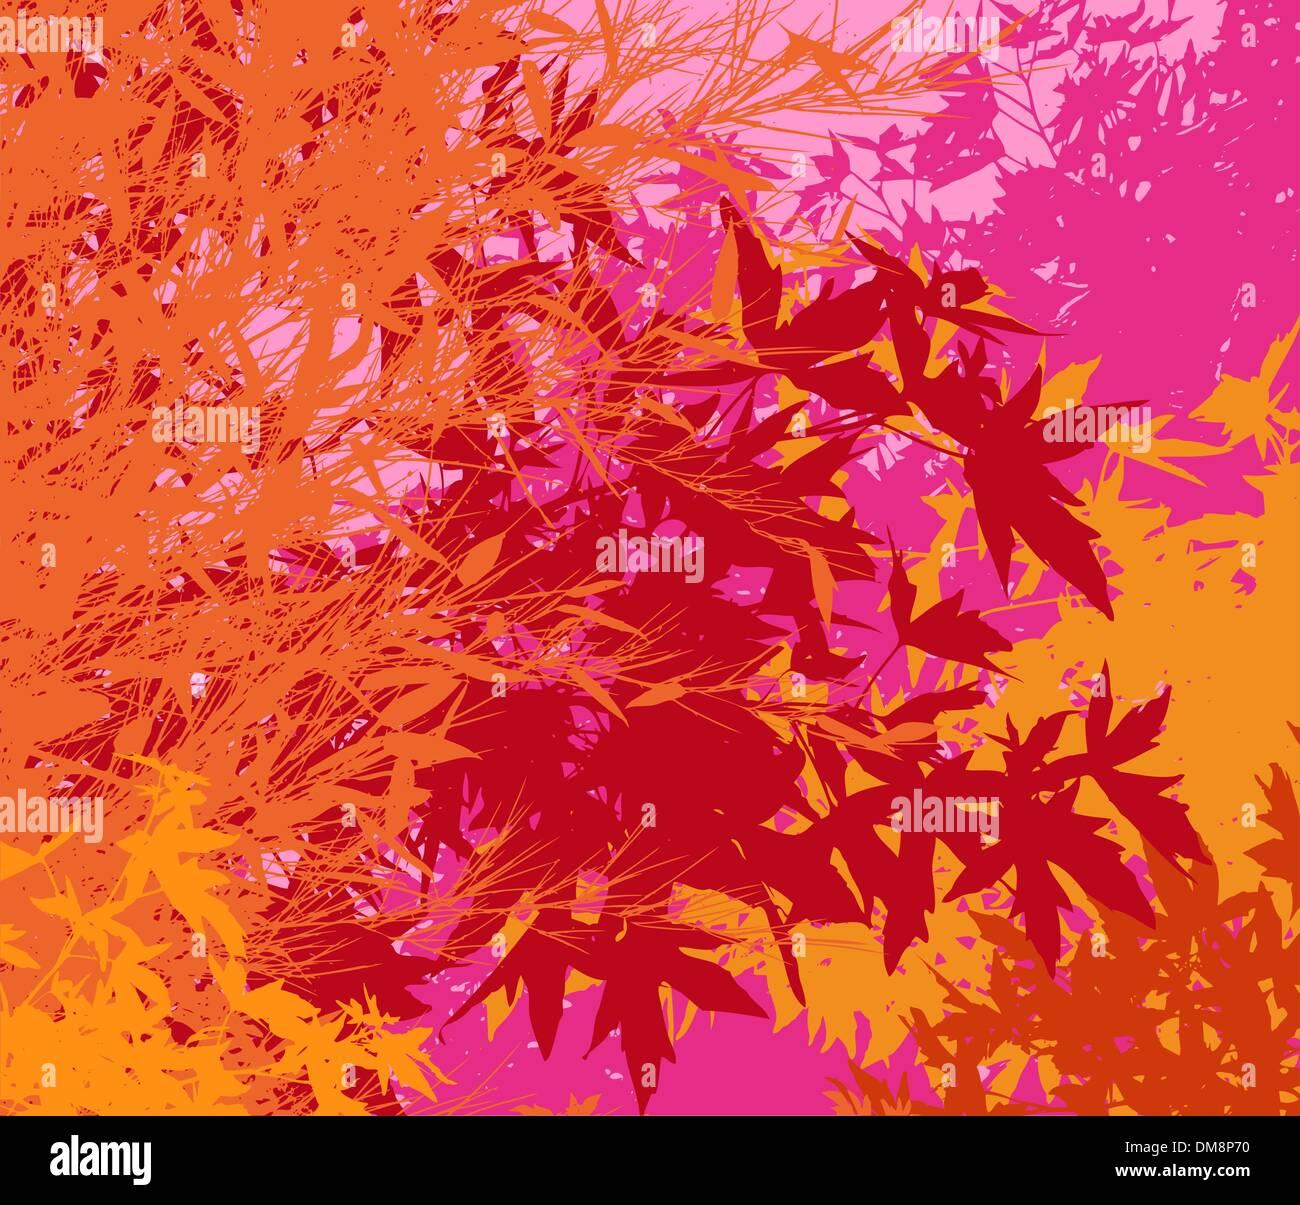 El colorido paisaje de follaje - pop ilustración vectorial - los diferentes gráficos están en capas Imagen De Stock